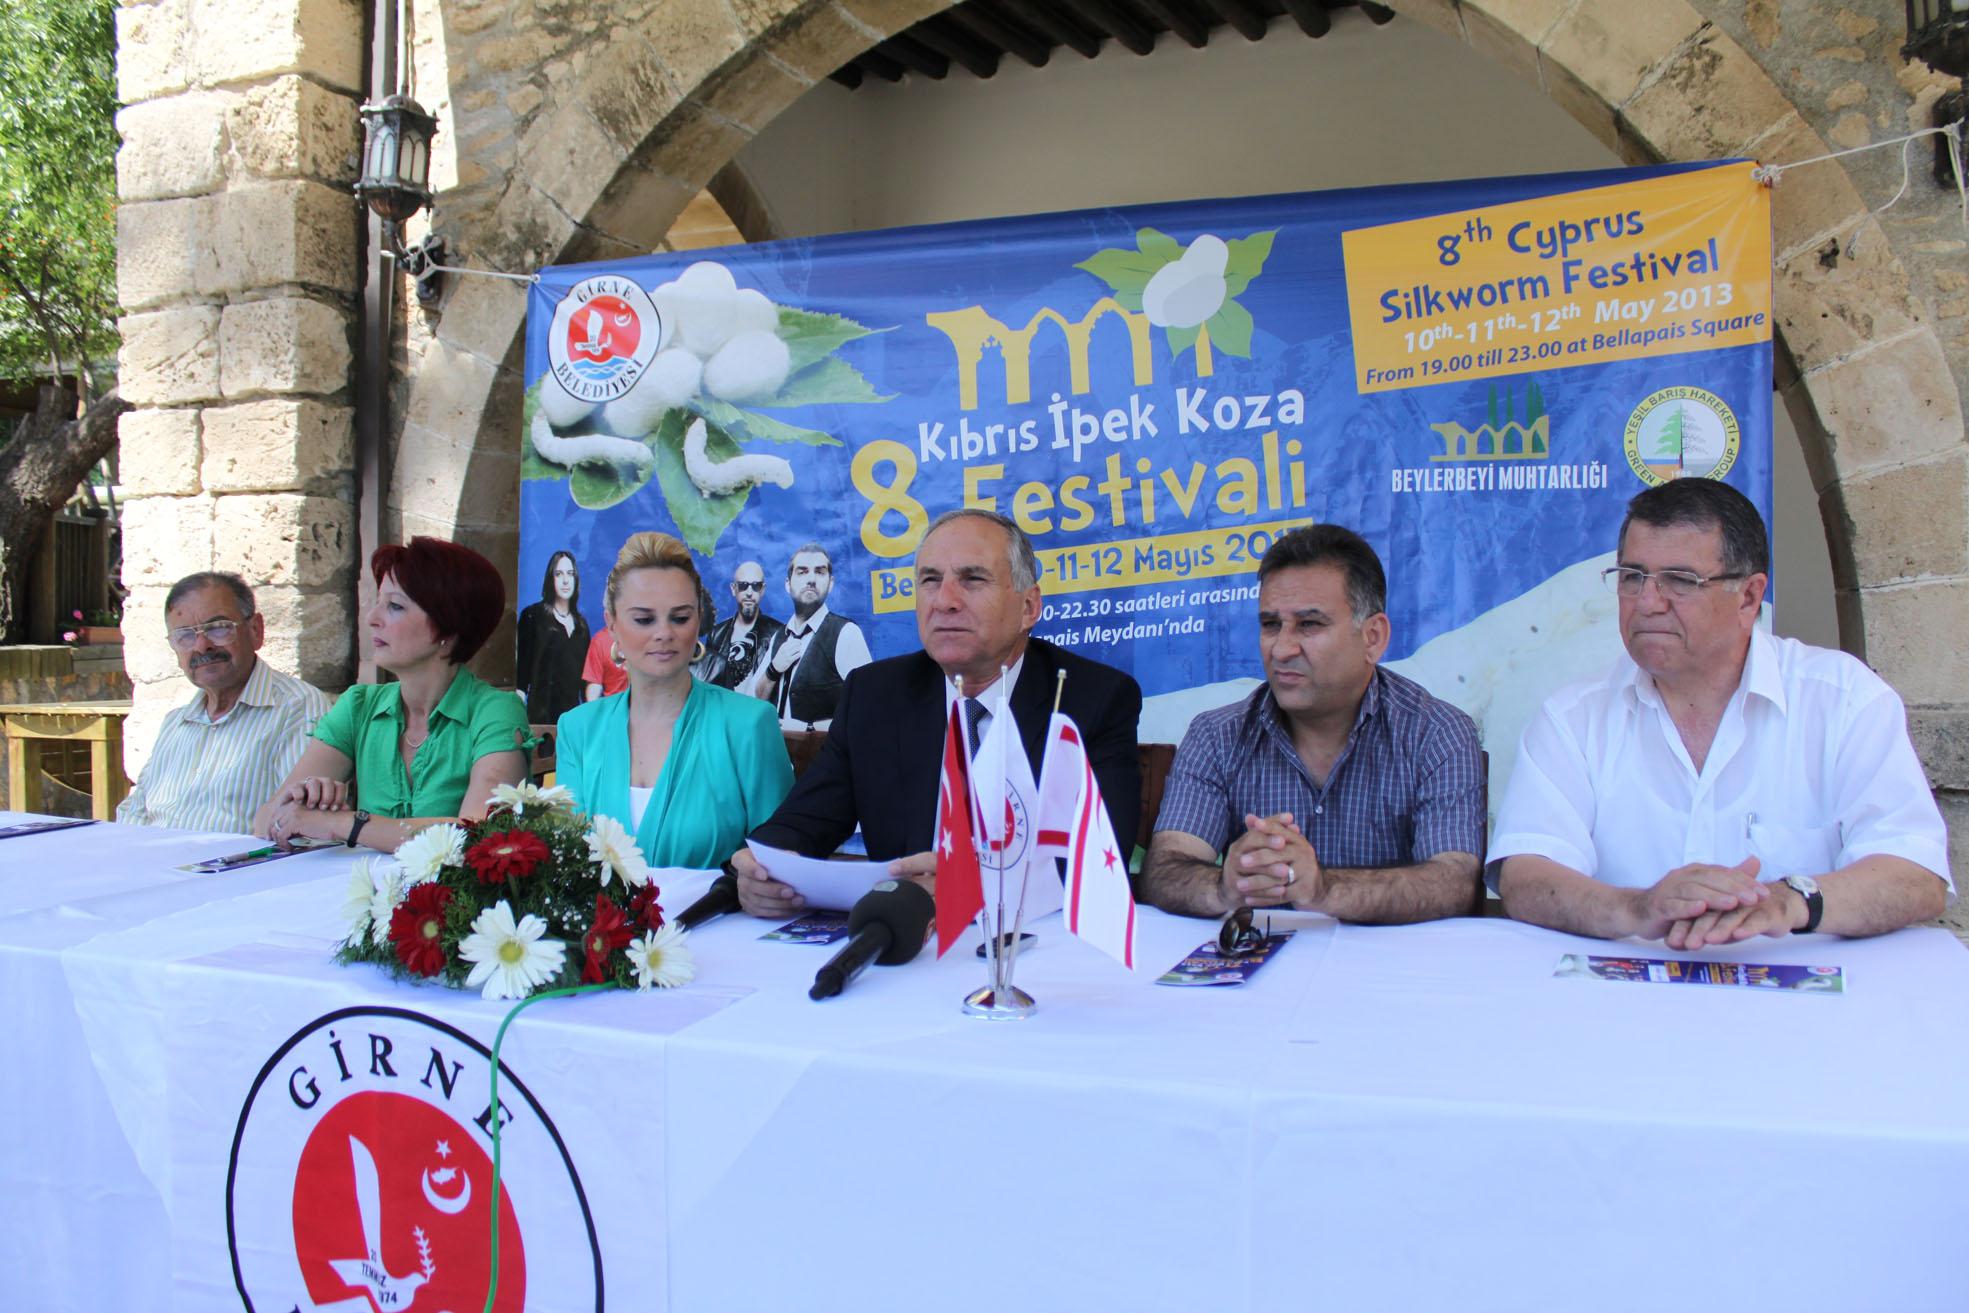 KIBRIS İPEK KOZA FESTİVALİ 10 MAYIS'TA BAŞLIYOR